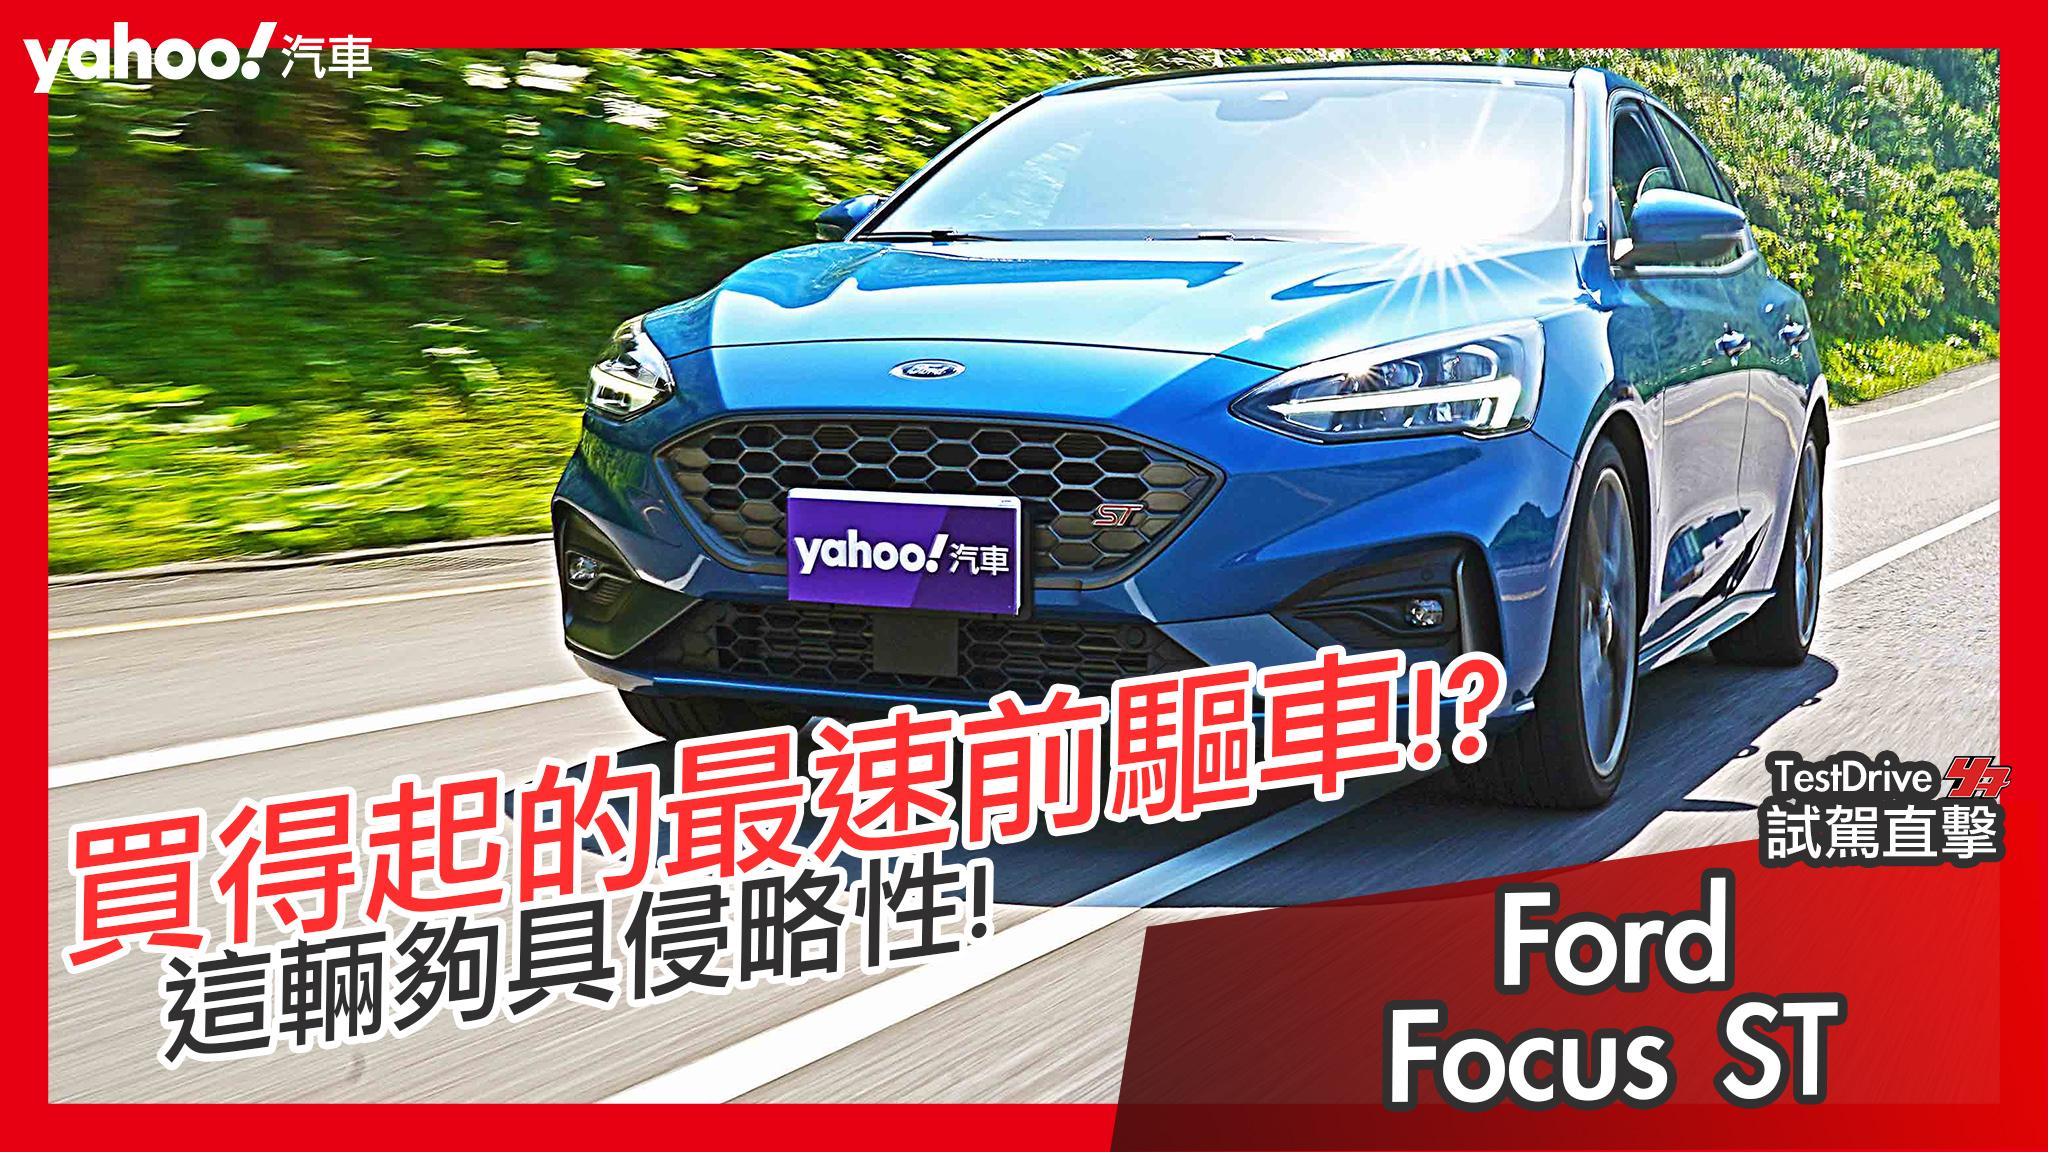 【試駕直擊】買得起的最速前驅車!2020 Ford Focus ST 2.3 EcoBoost海岸試駕!